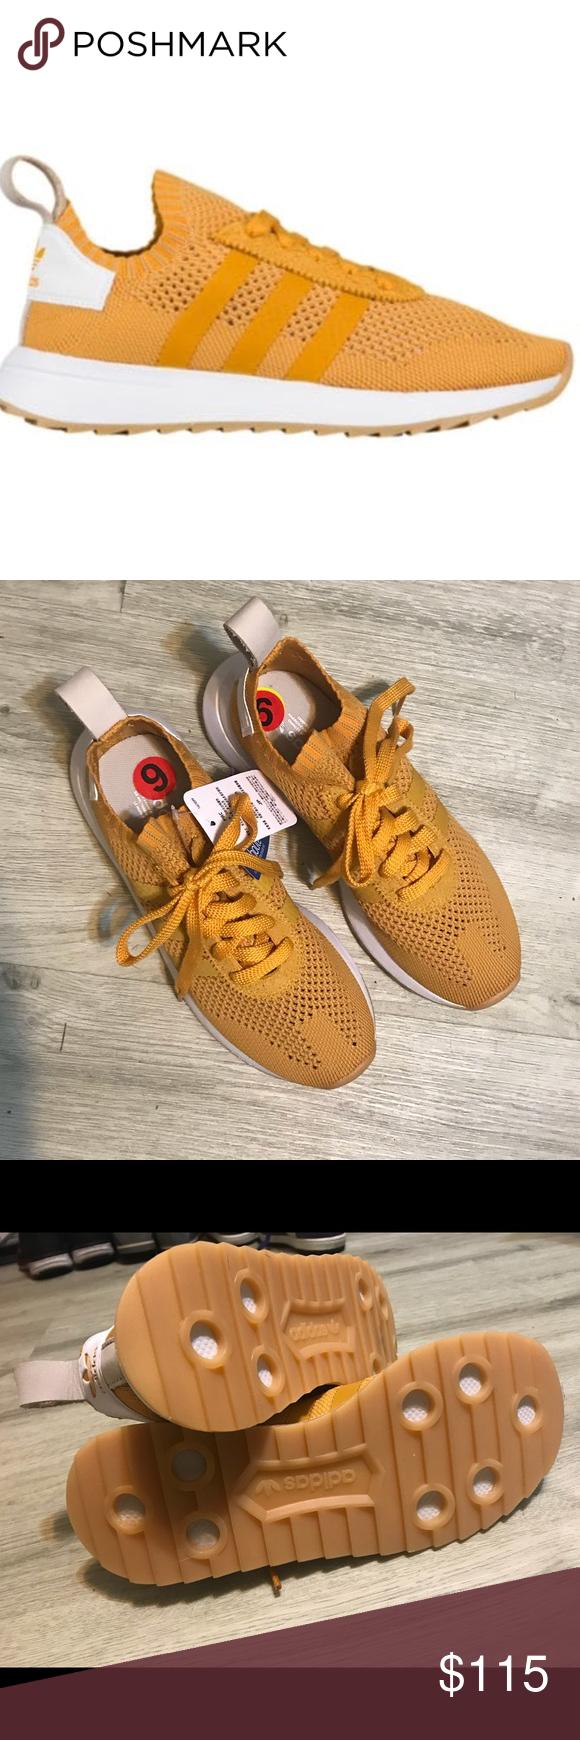 تخطيط إشعاع التعرية adidas mustard yellow shoes